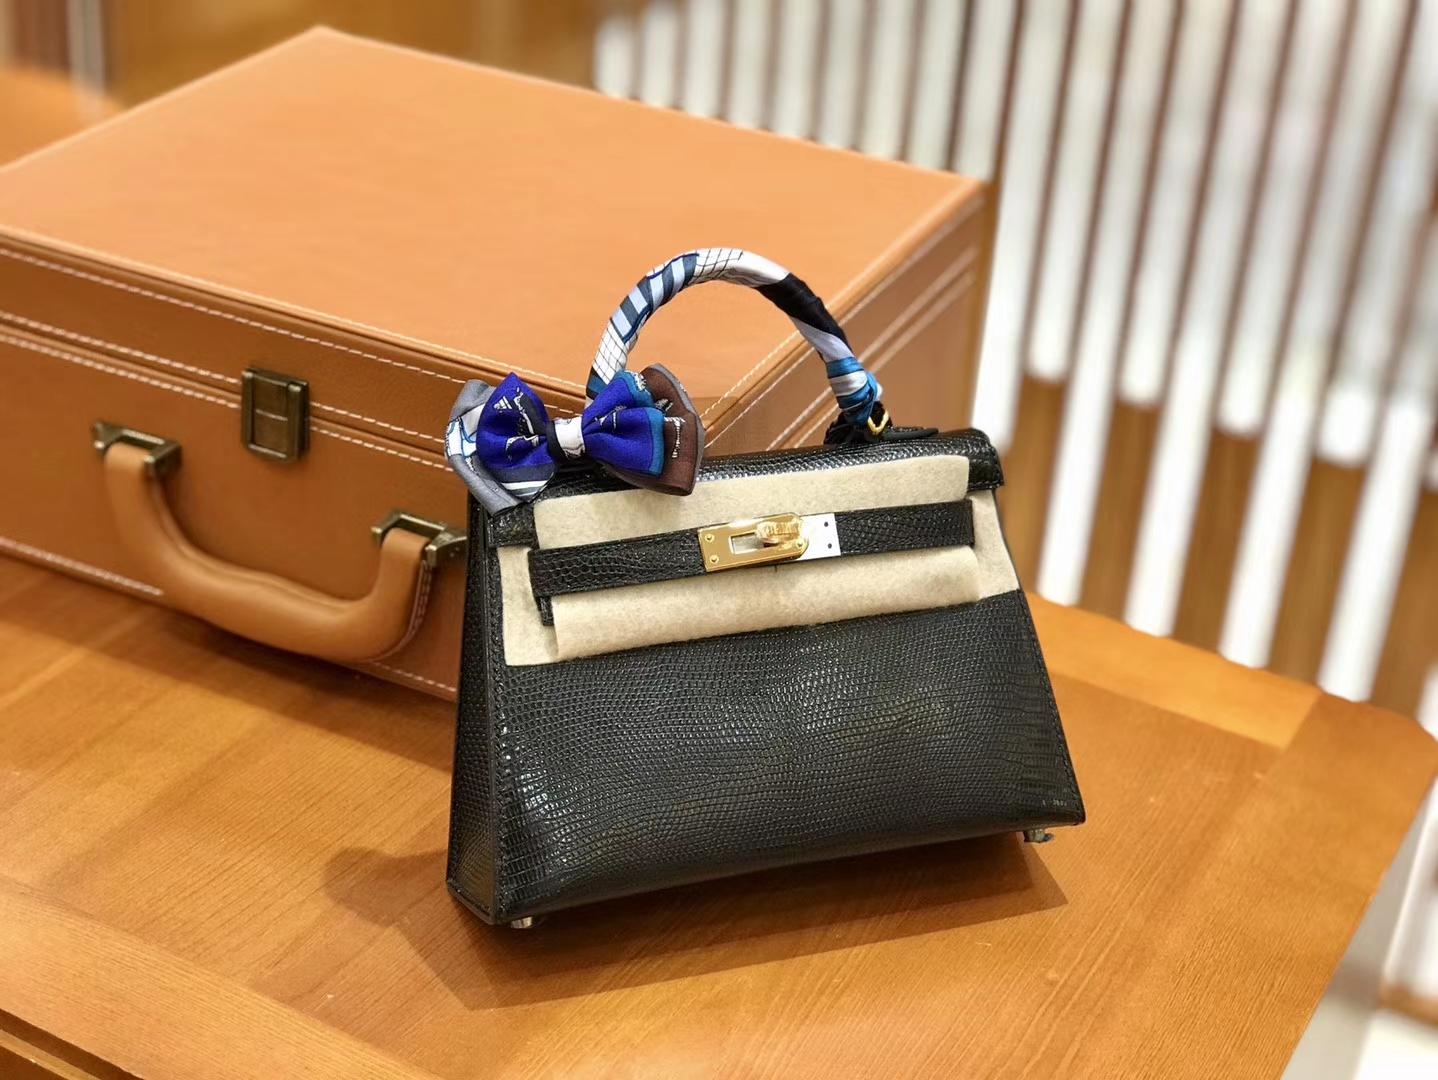 Hermès(爱马仕)新增现货 2代 19cm 蜥蜴皮 经典黑 金扣 全手工缝制